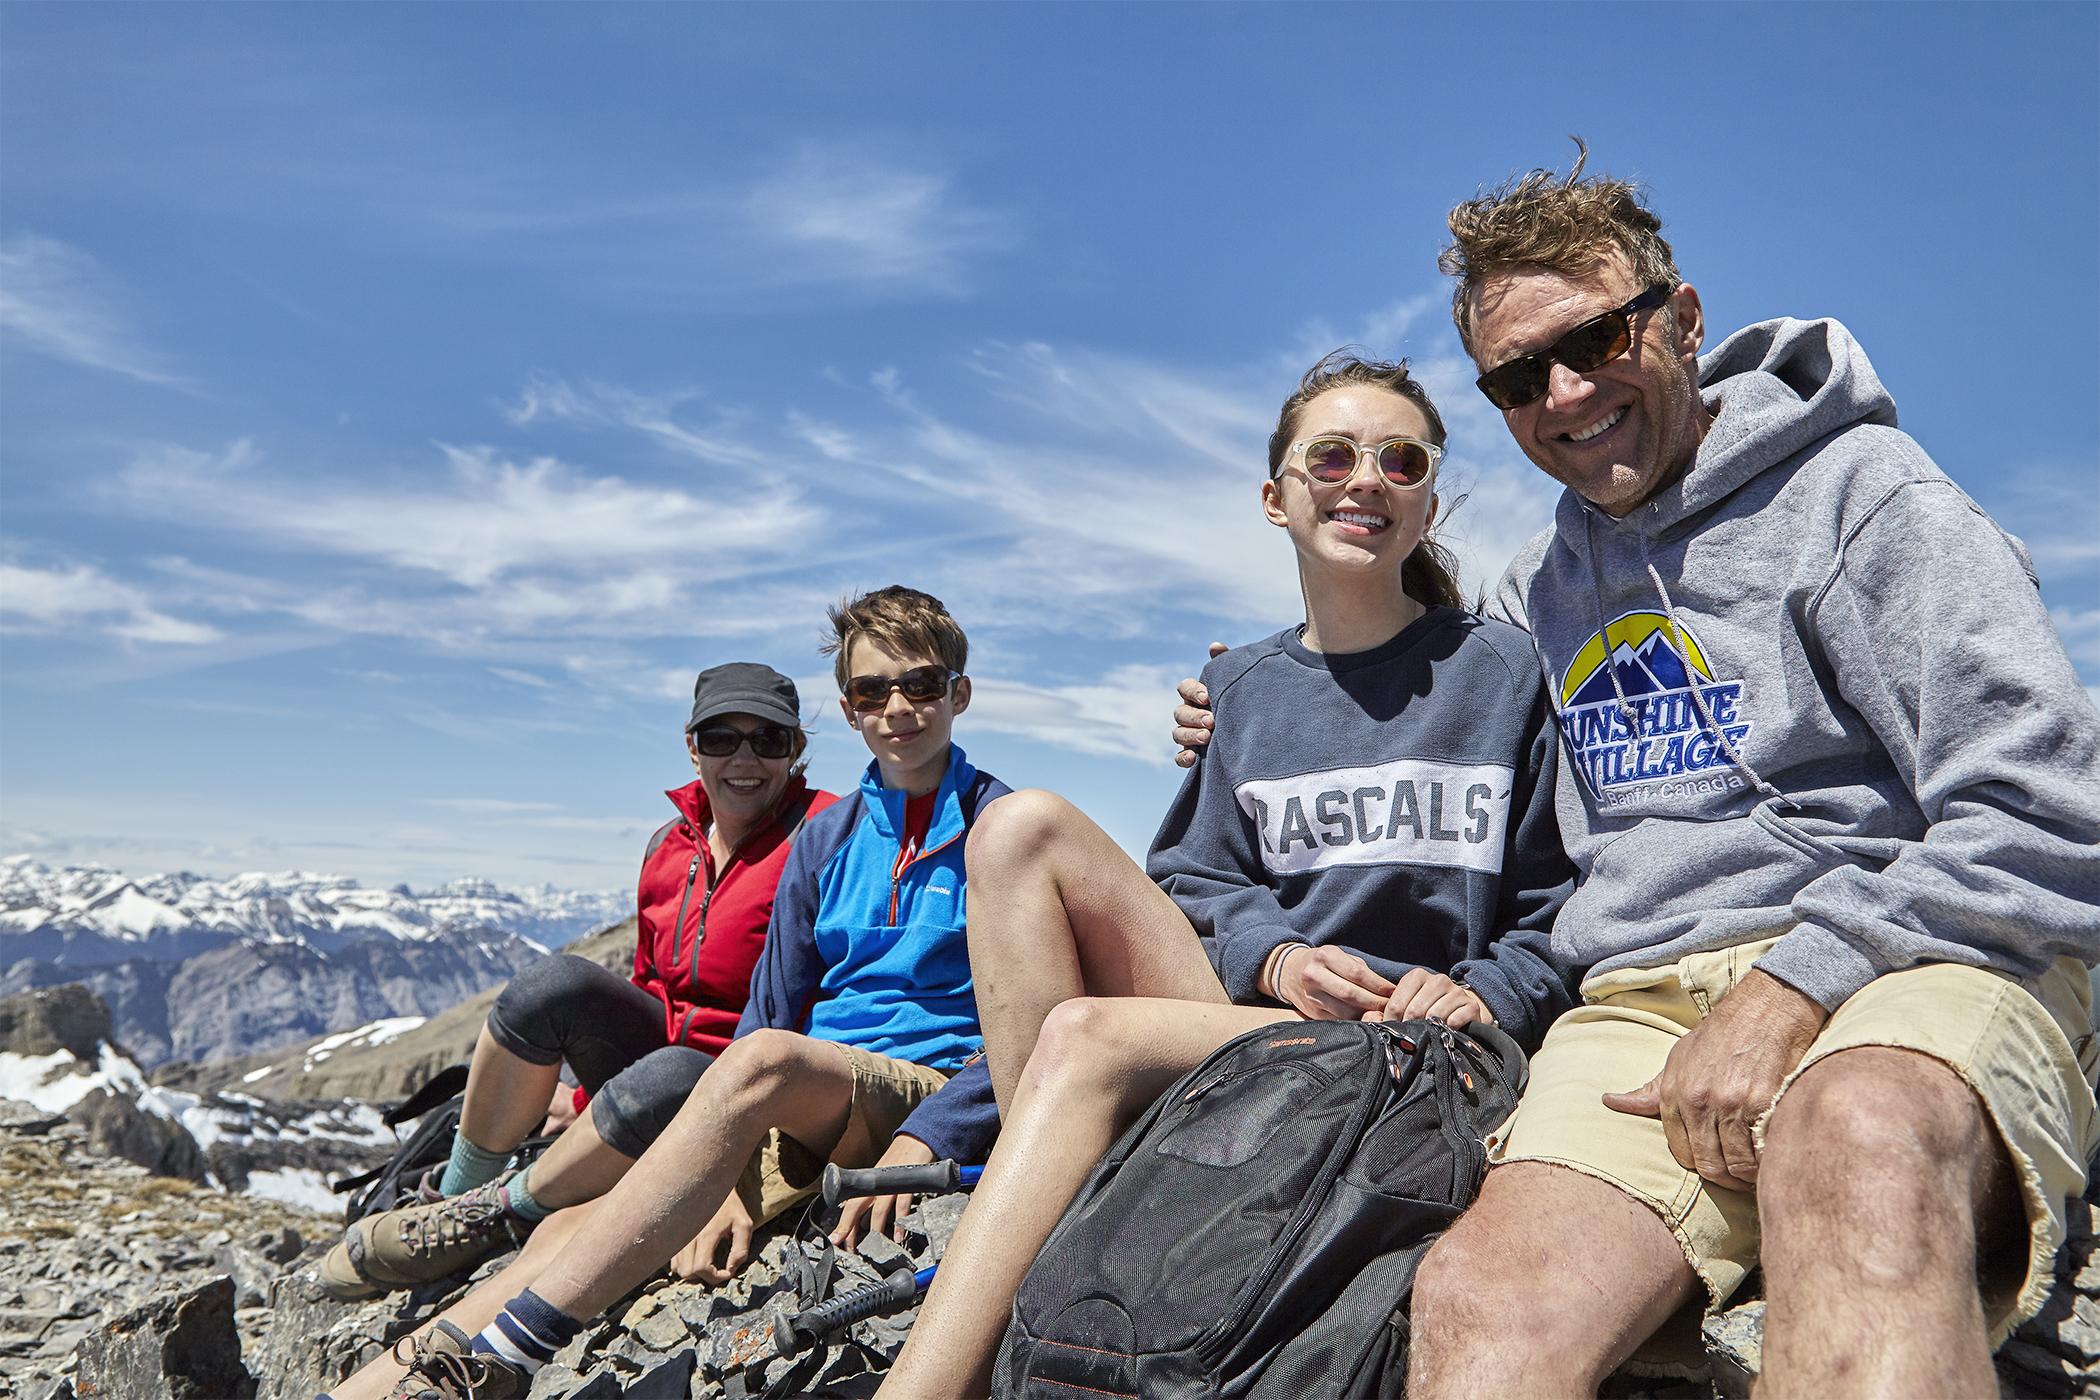 Nadien, Yuri, Katja and Robert taking a break on the false summit.